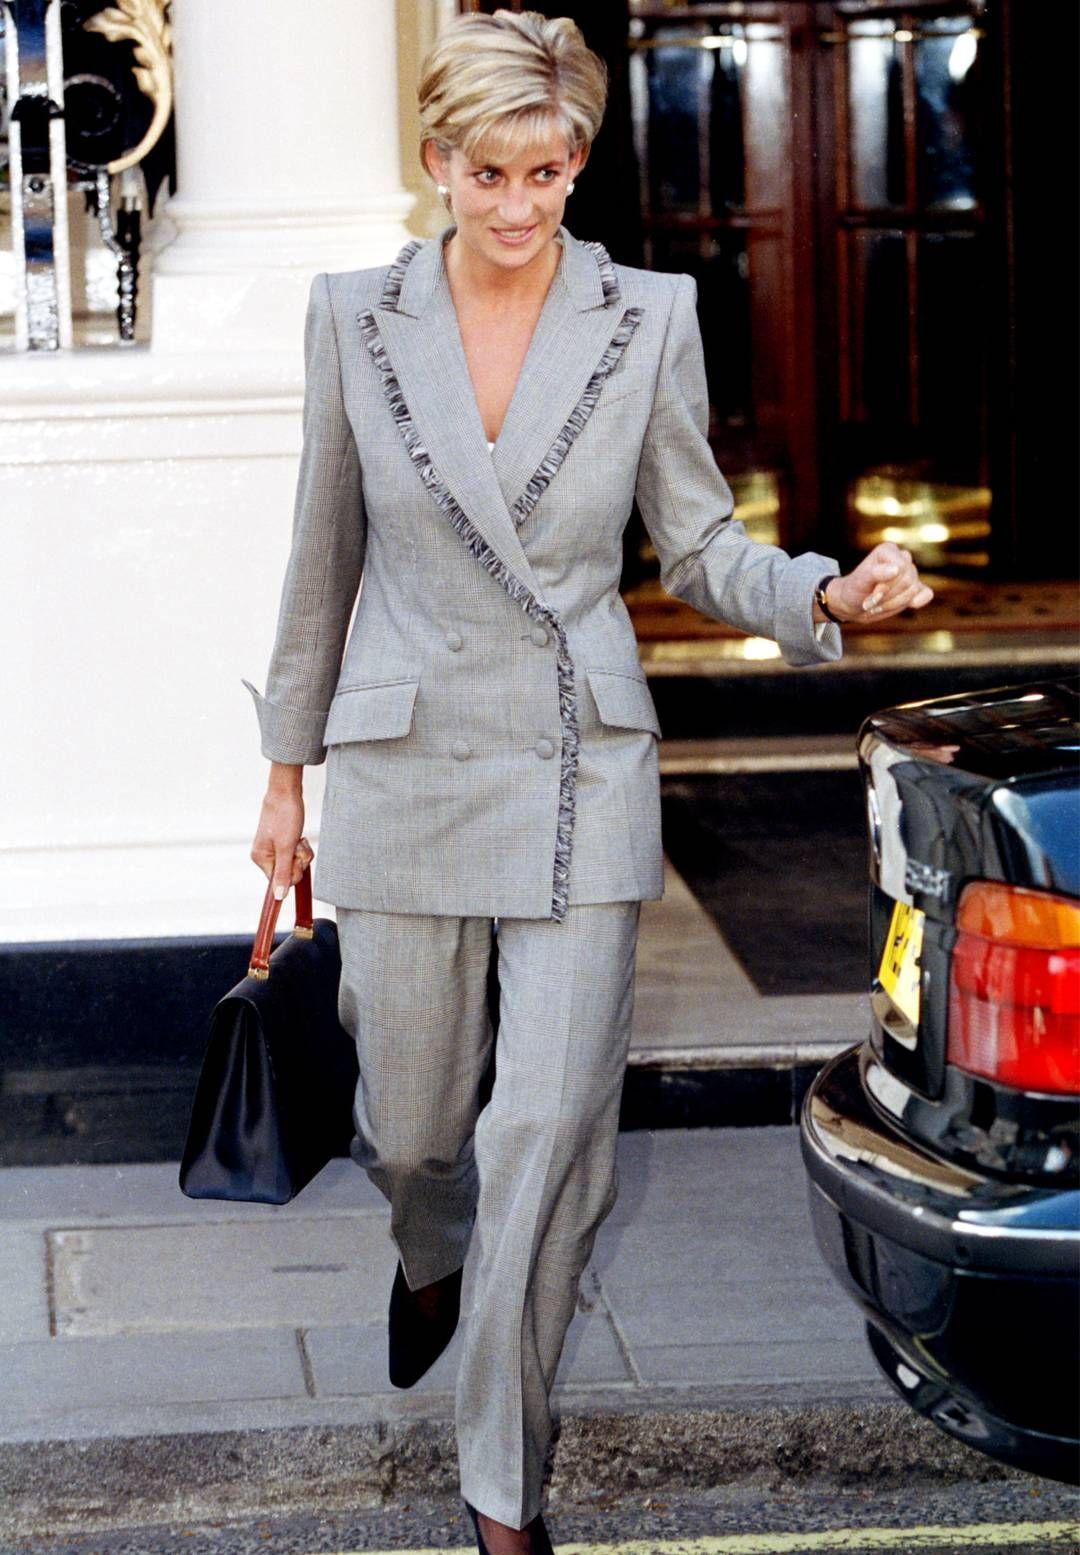 Học Công nương Diana 4 cách diện blazer vừa đơn giản lại chuẩn xịn y chang phong cách Hoàng gia - Ảnh 15